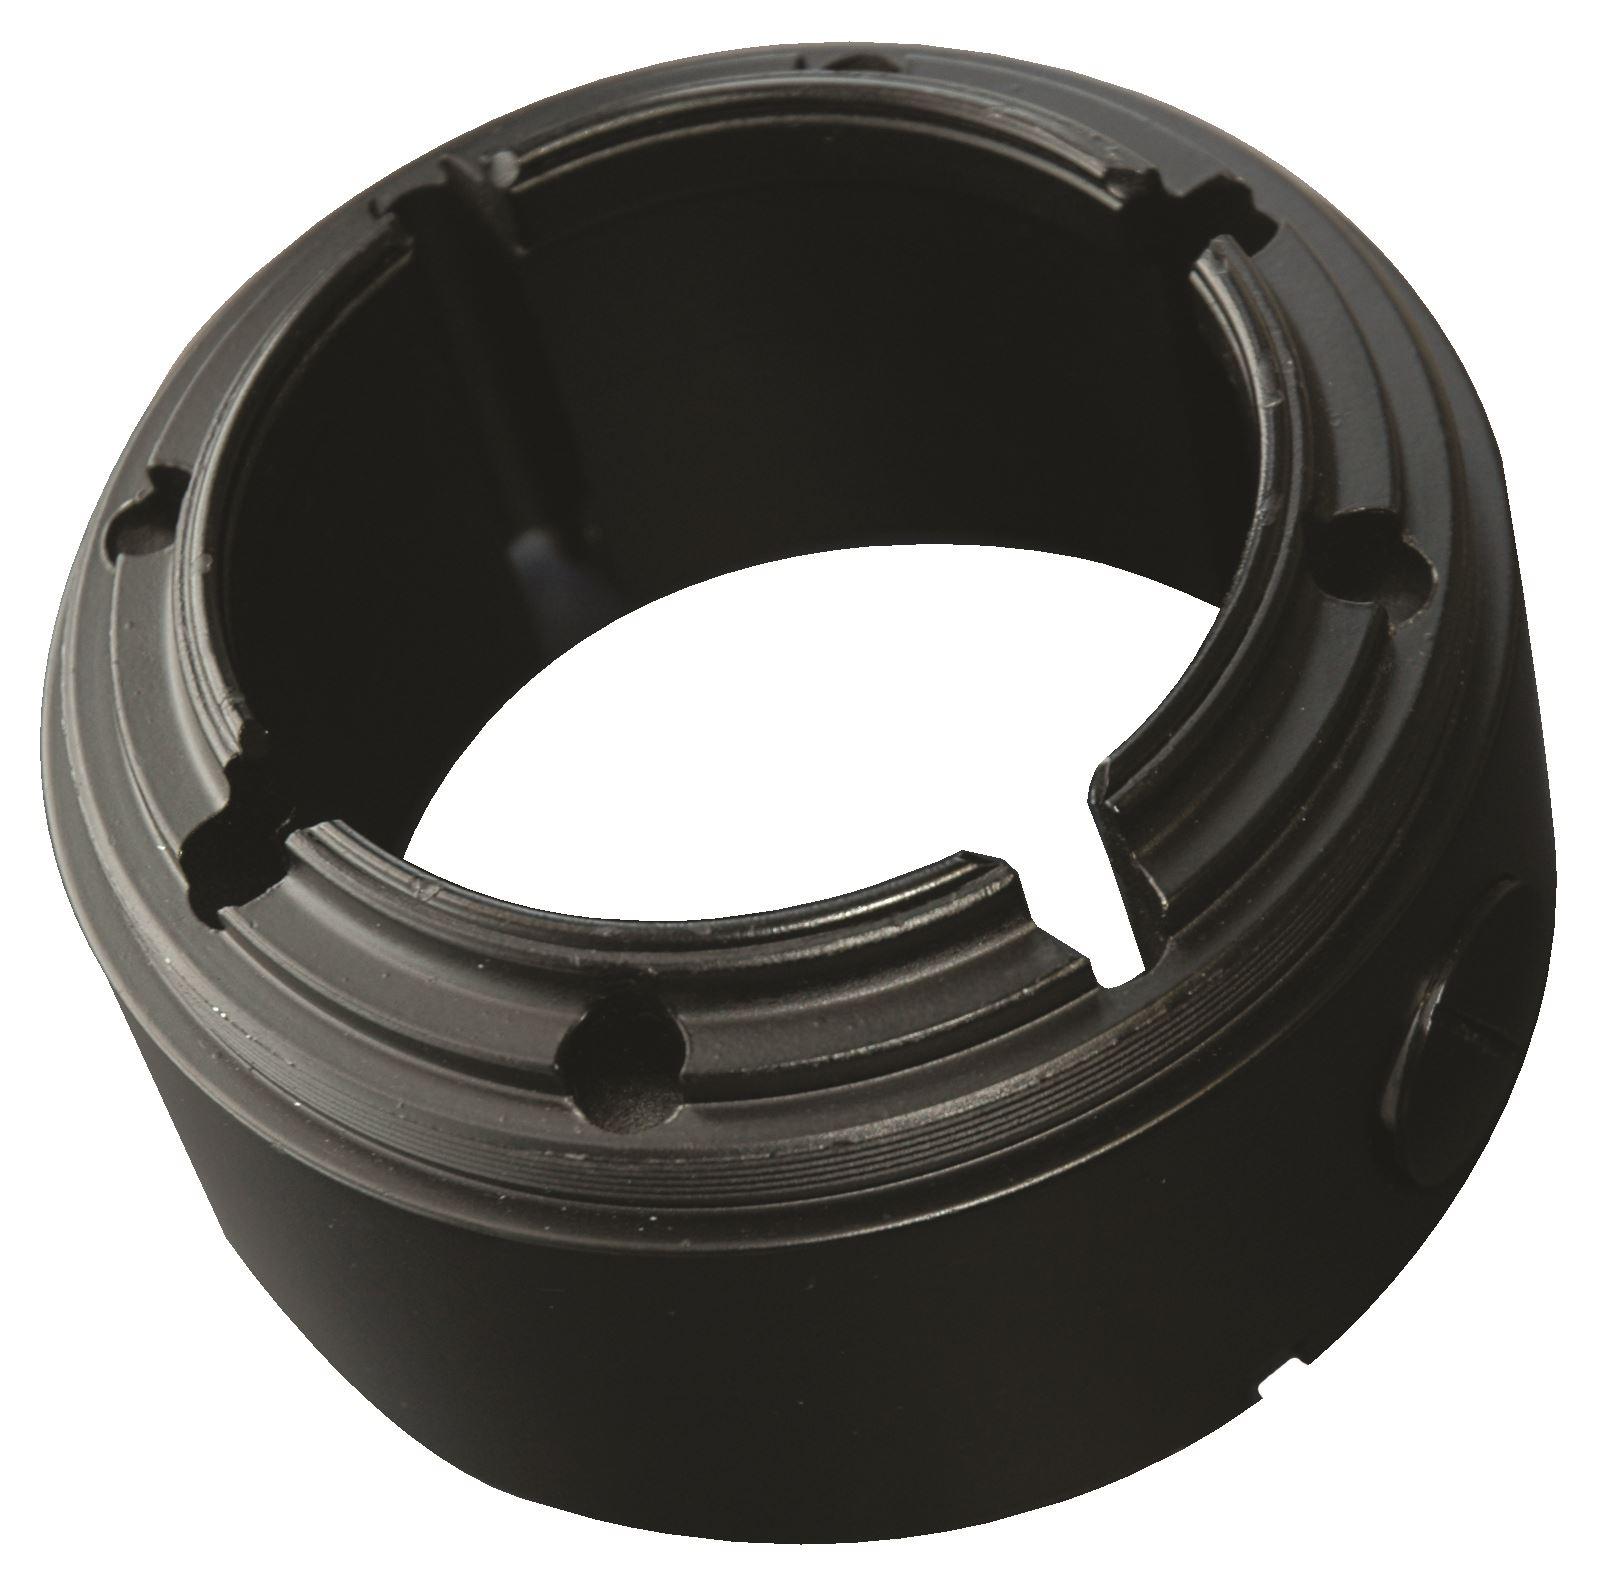 Oyn X Deep Base Ring For Oyn X Eyeball Dome Cameras Grey